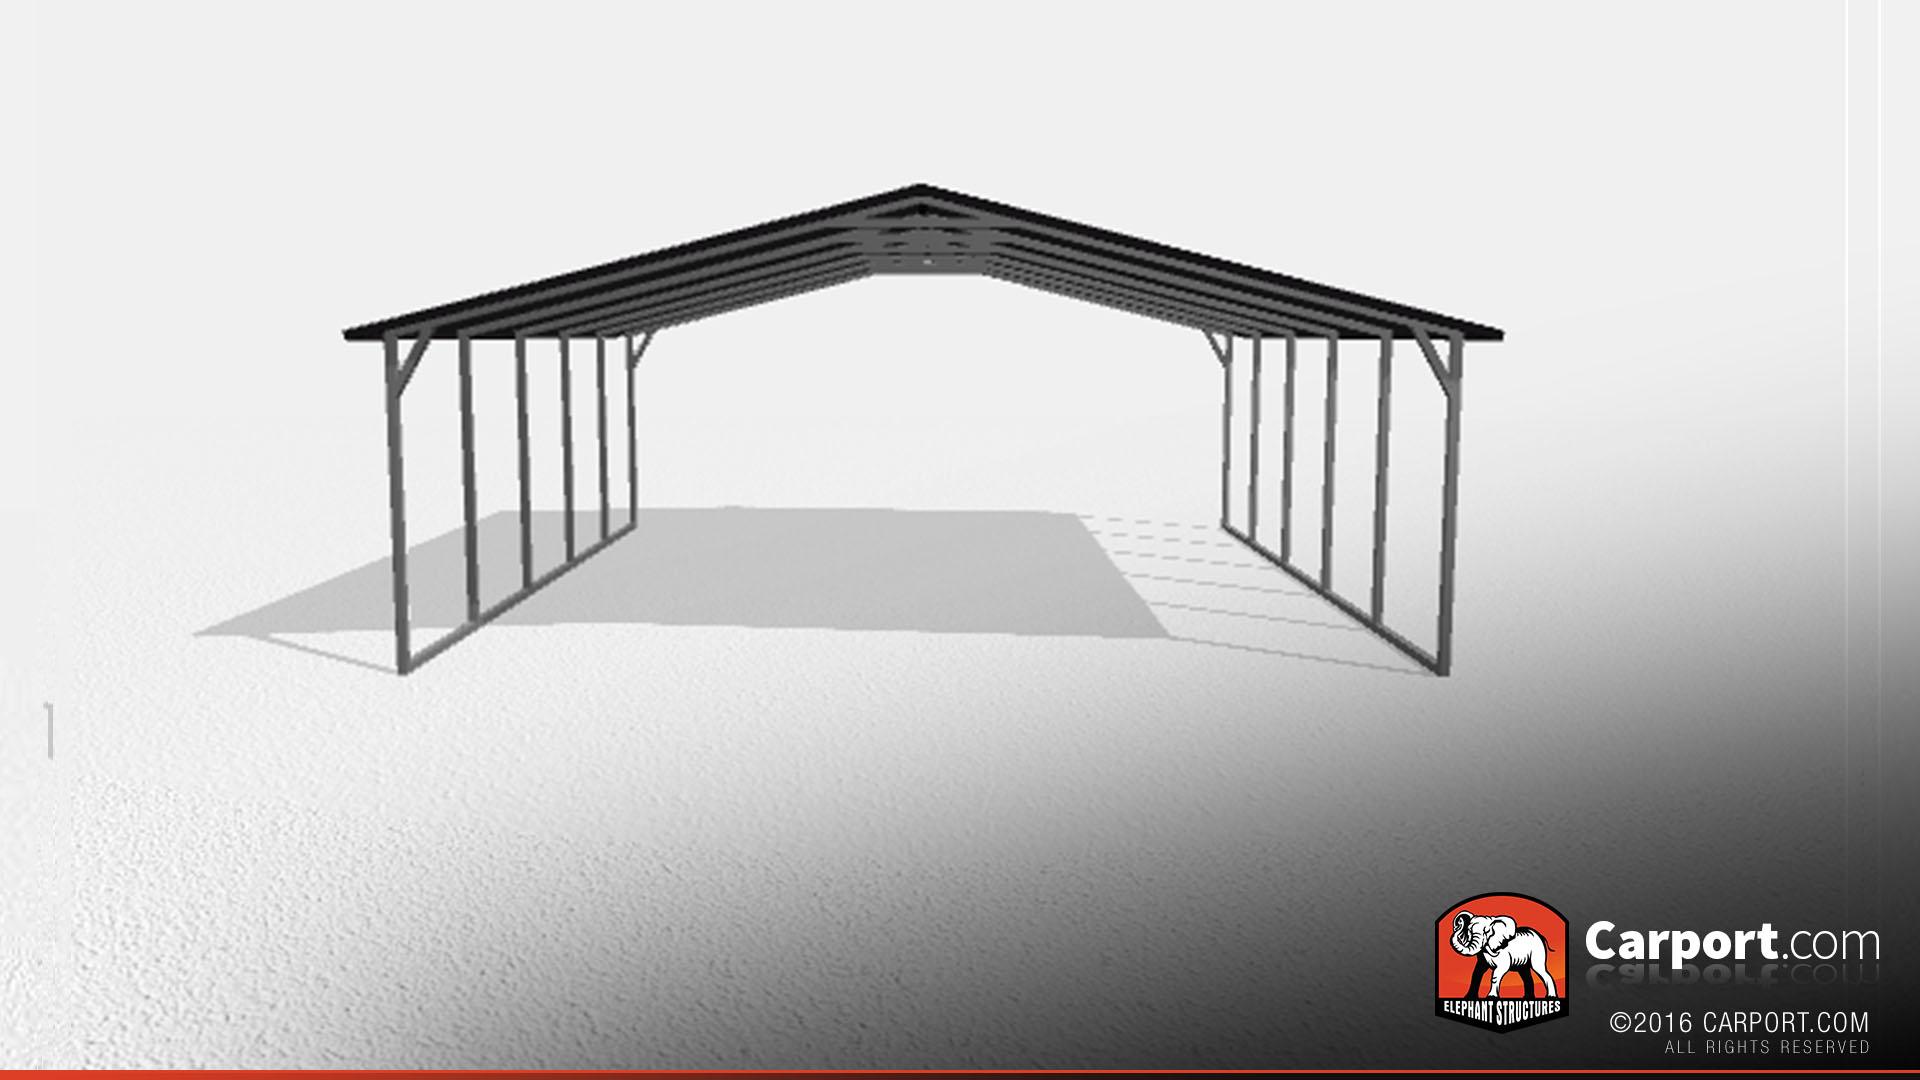 two car steel carport 2 24x21x7 - Steel Carports